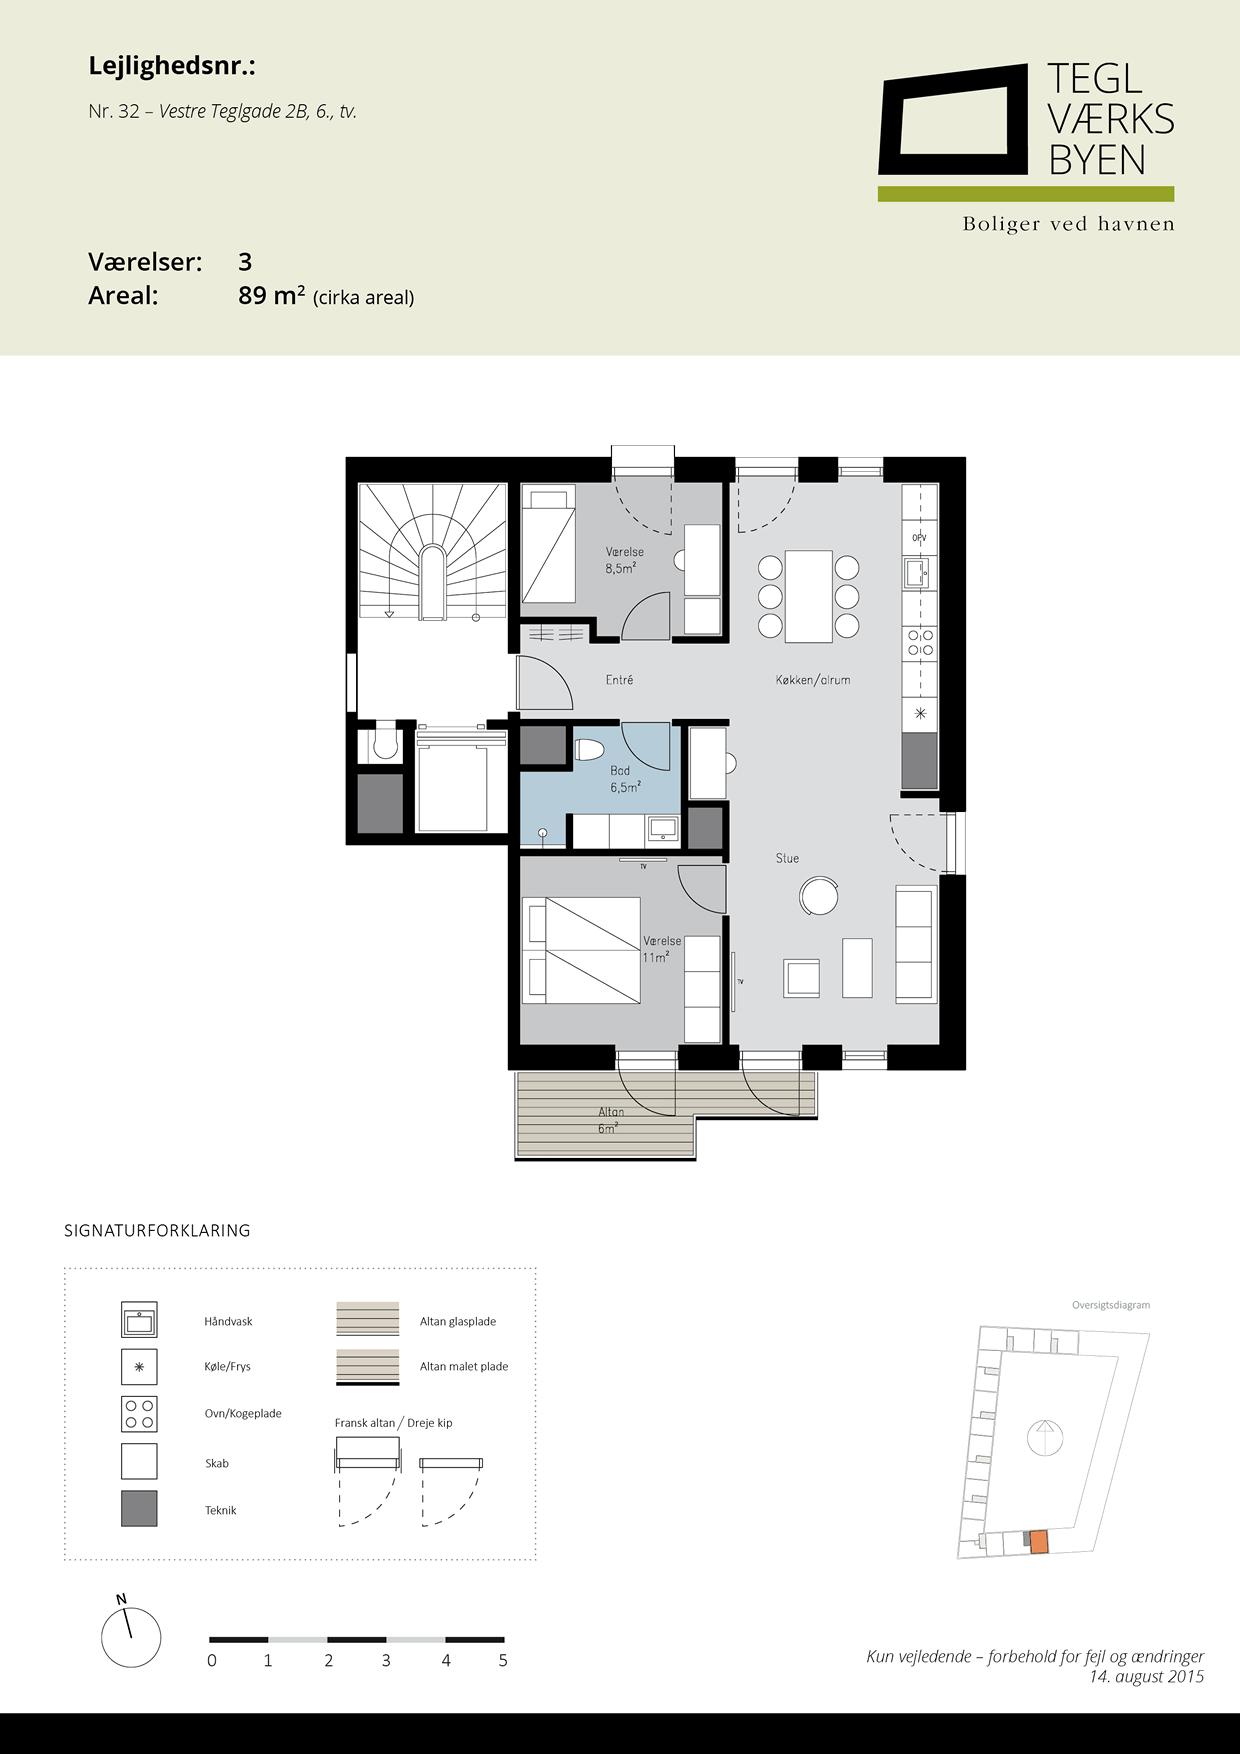 Teglvaerksbyen_32_plan